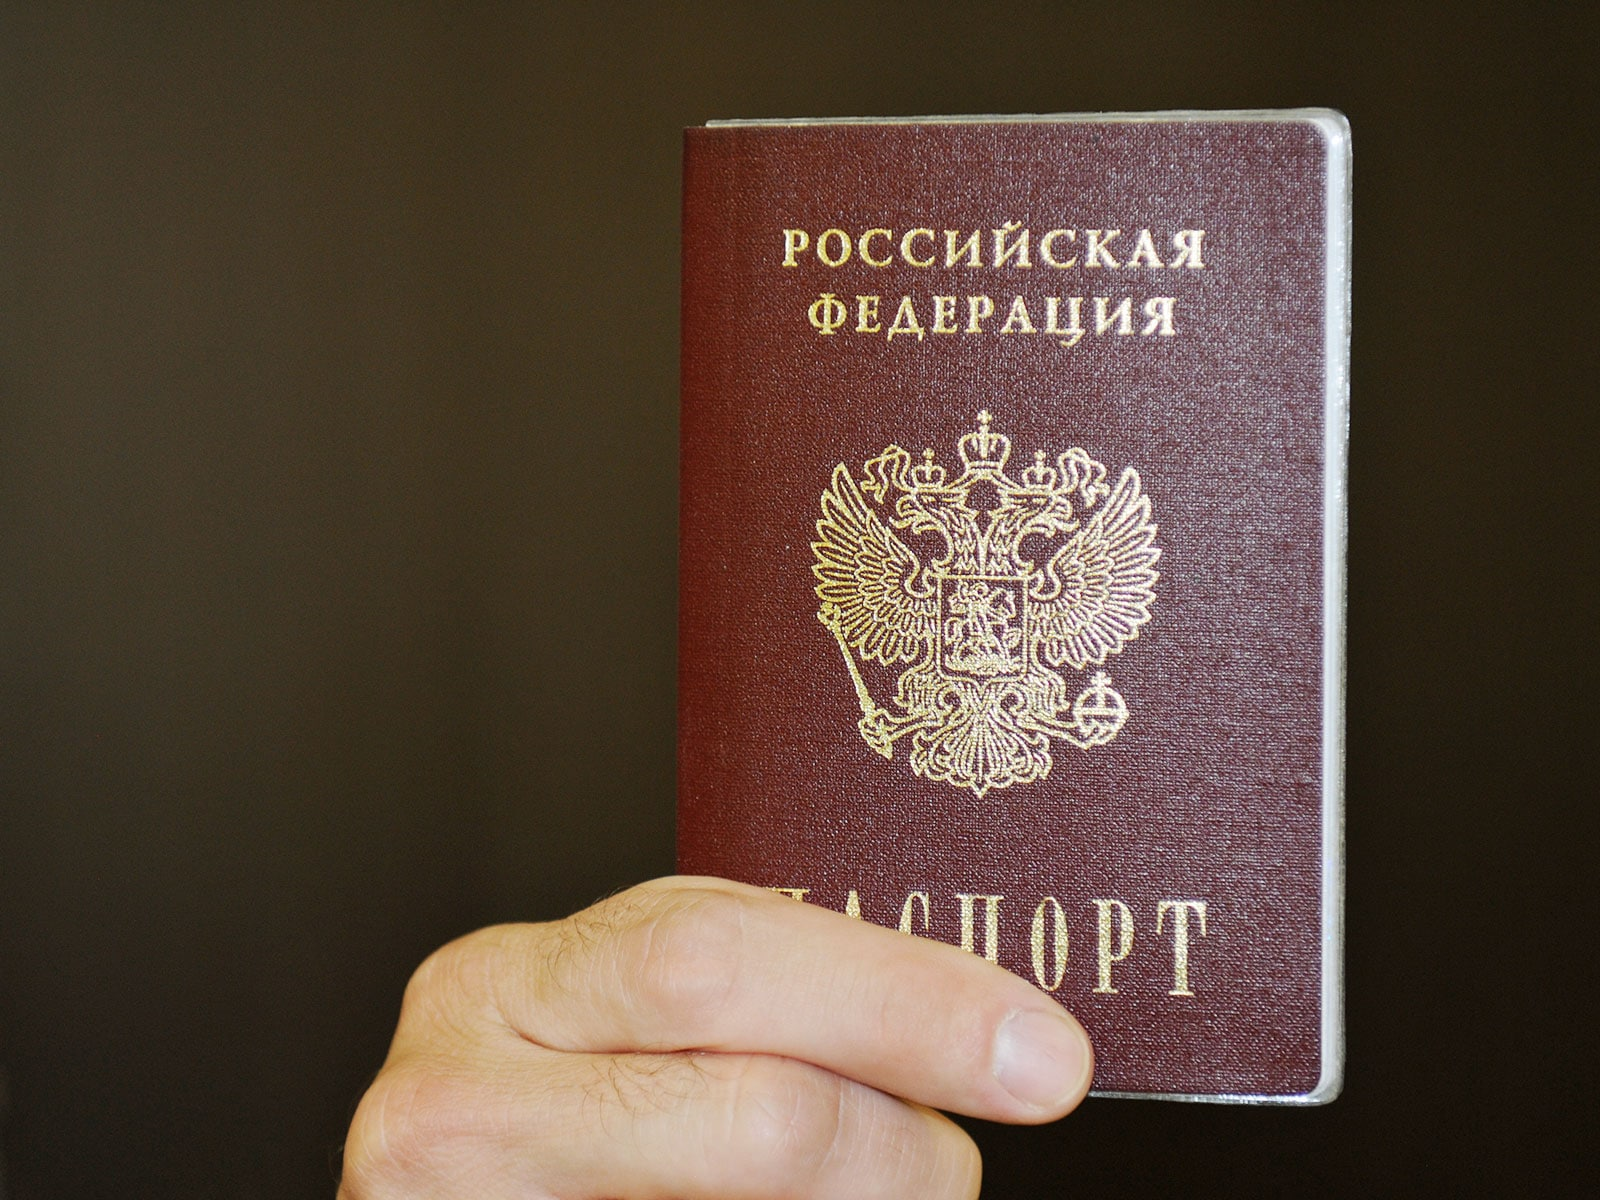 Утечка данных через ксерокопию паспорта может стать основанием для уголовного дела